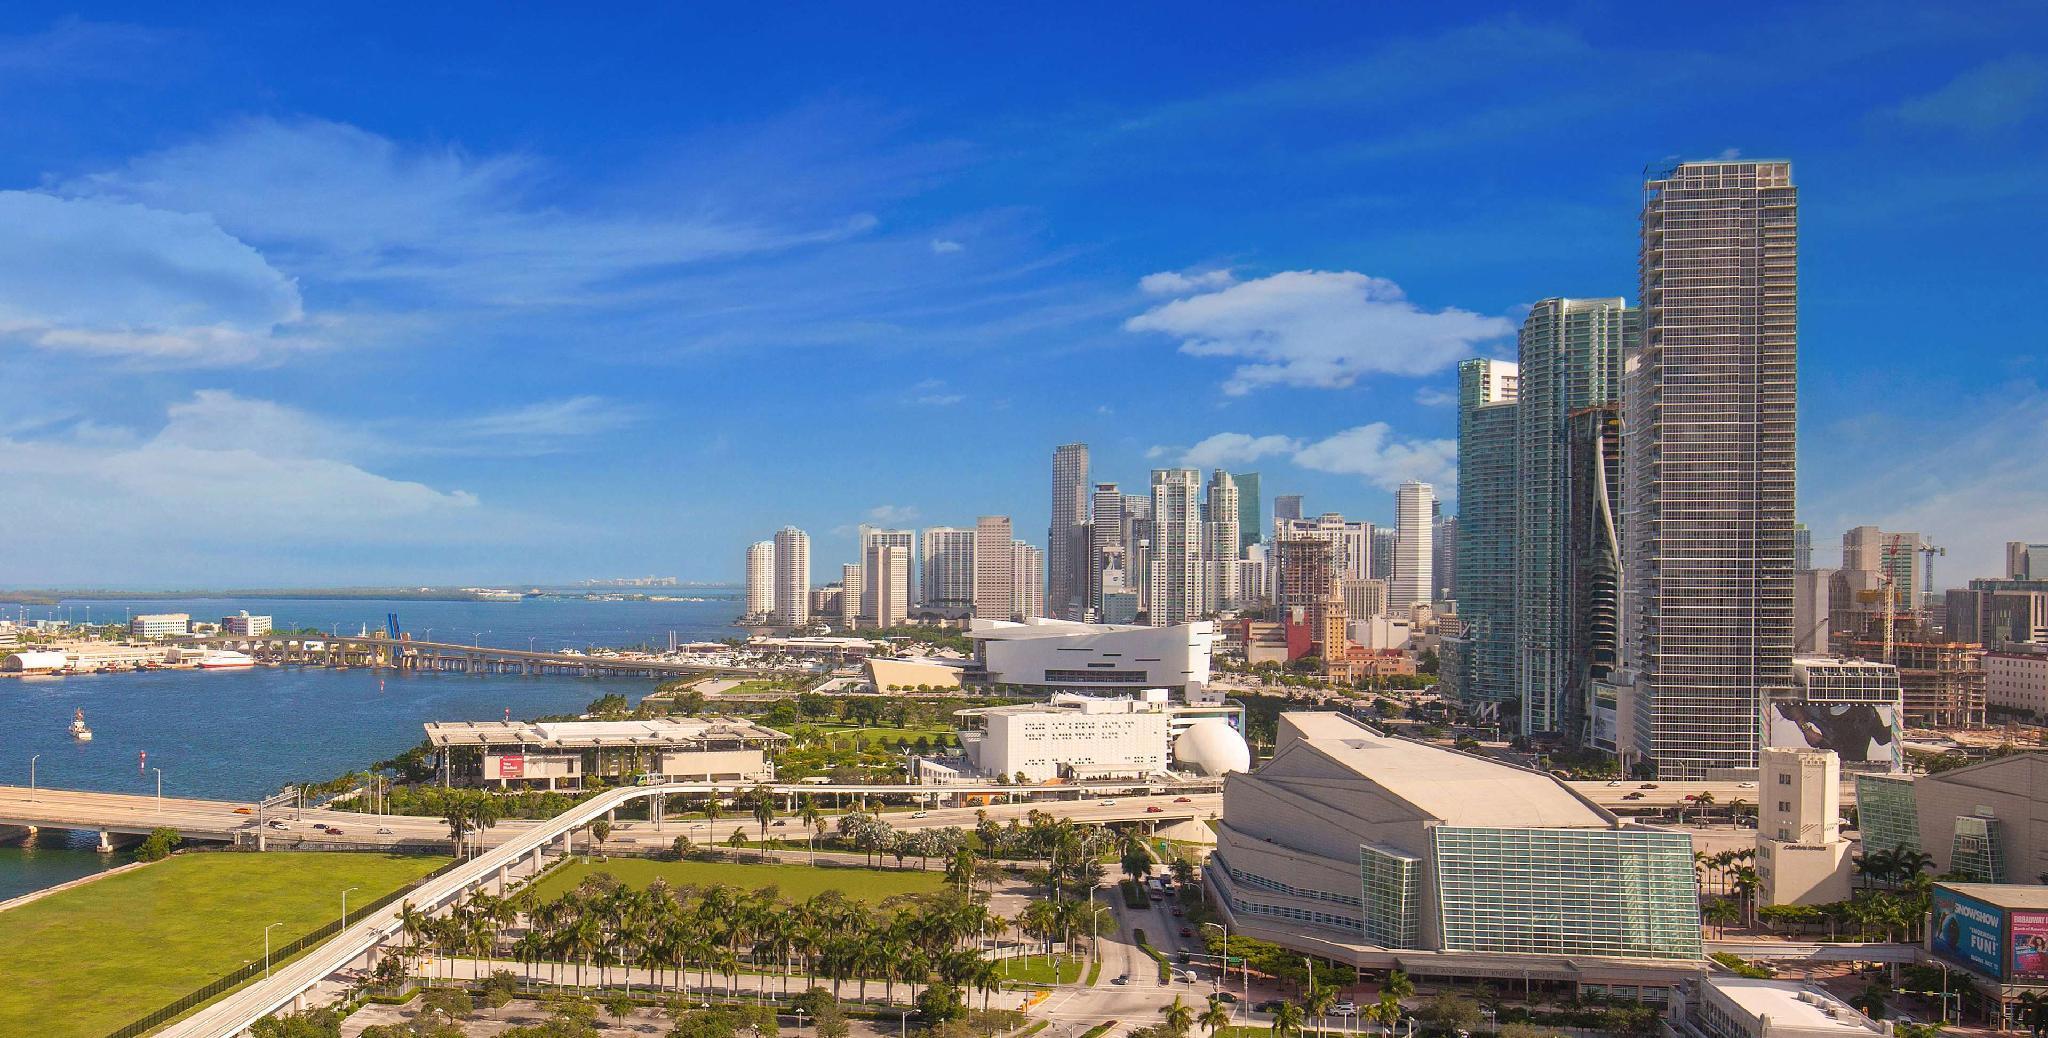 Hilton Miami Downtown Hotel image